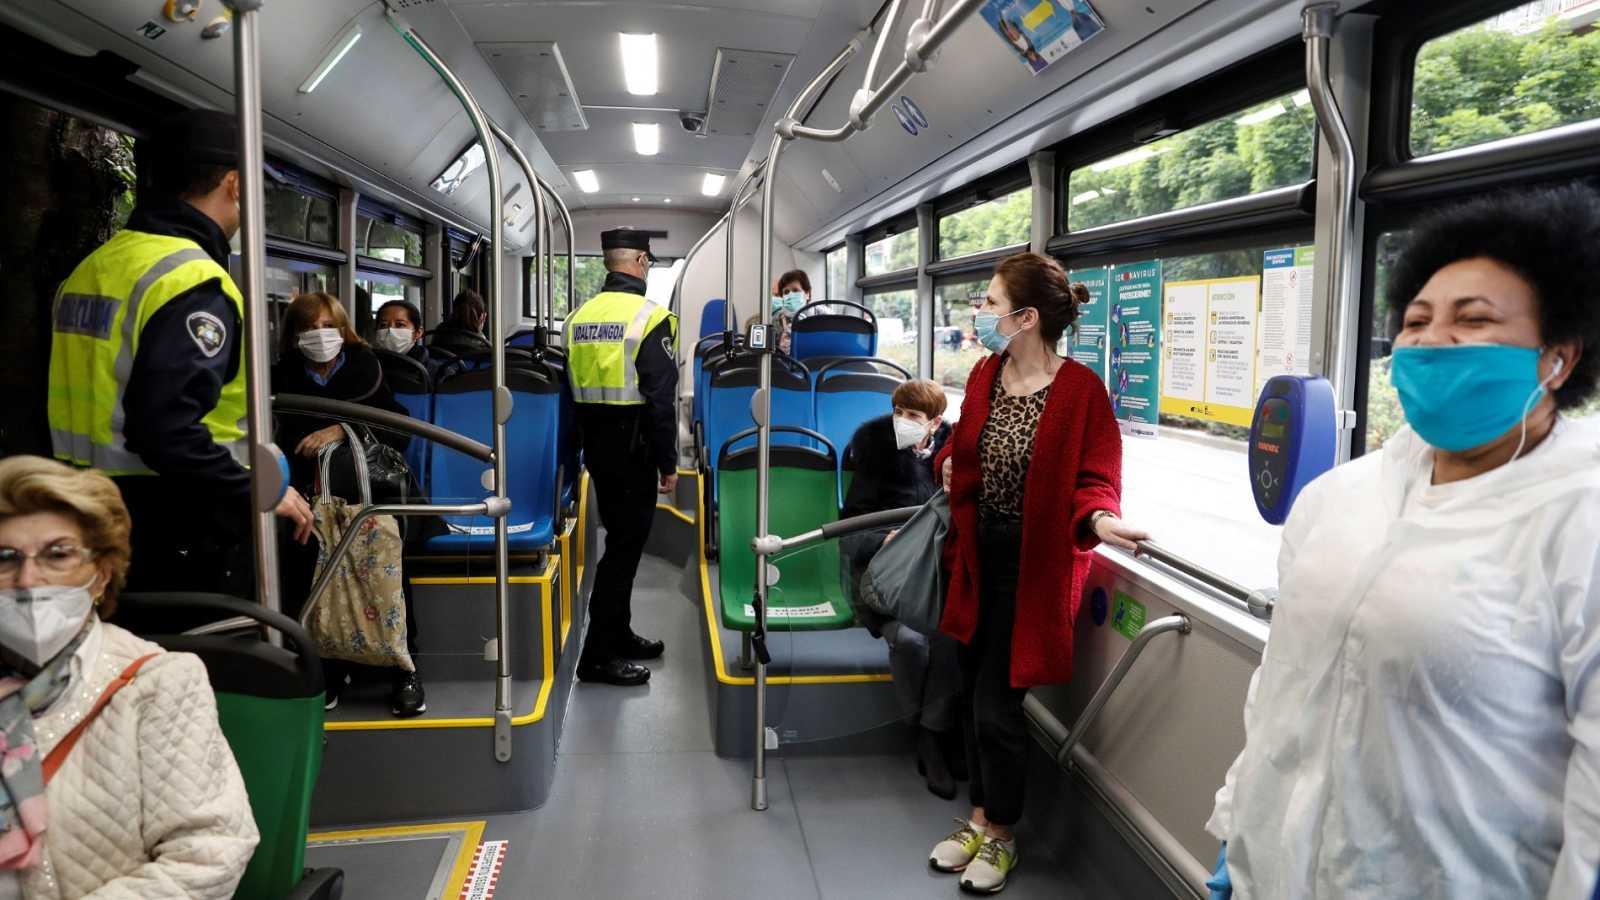 Agentes de la Policía Municipal de San Sebastián realizan un control  n el transporte público